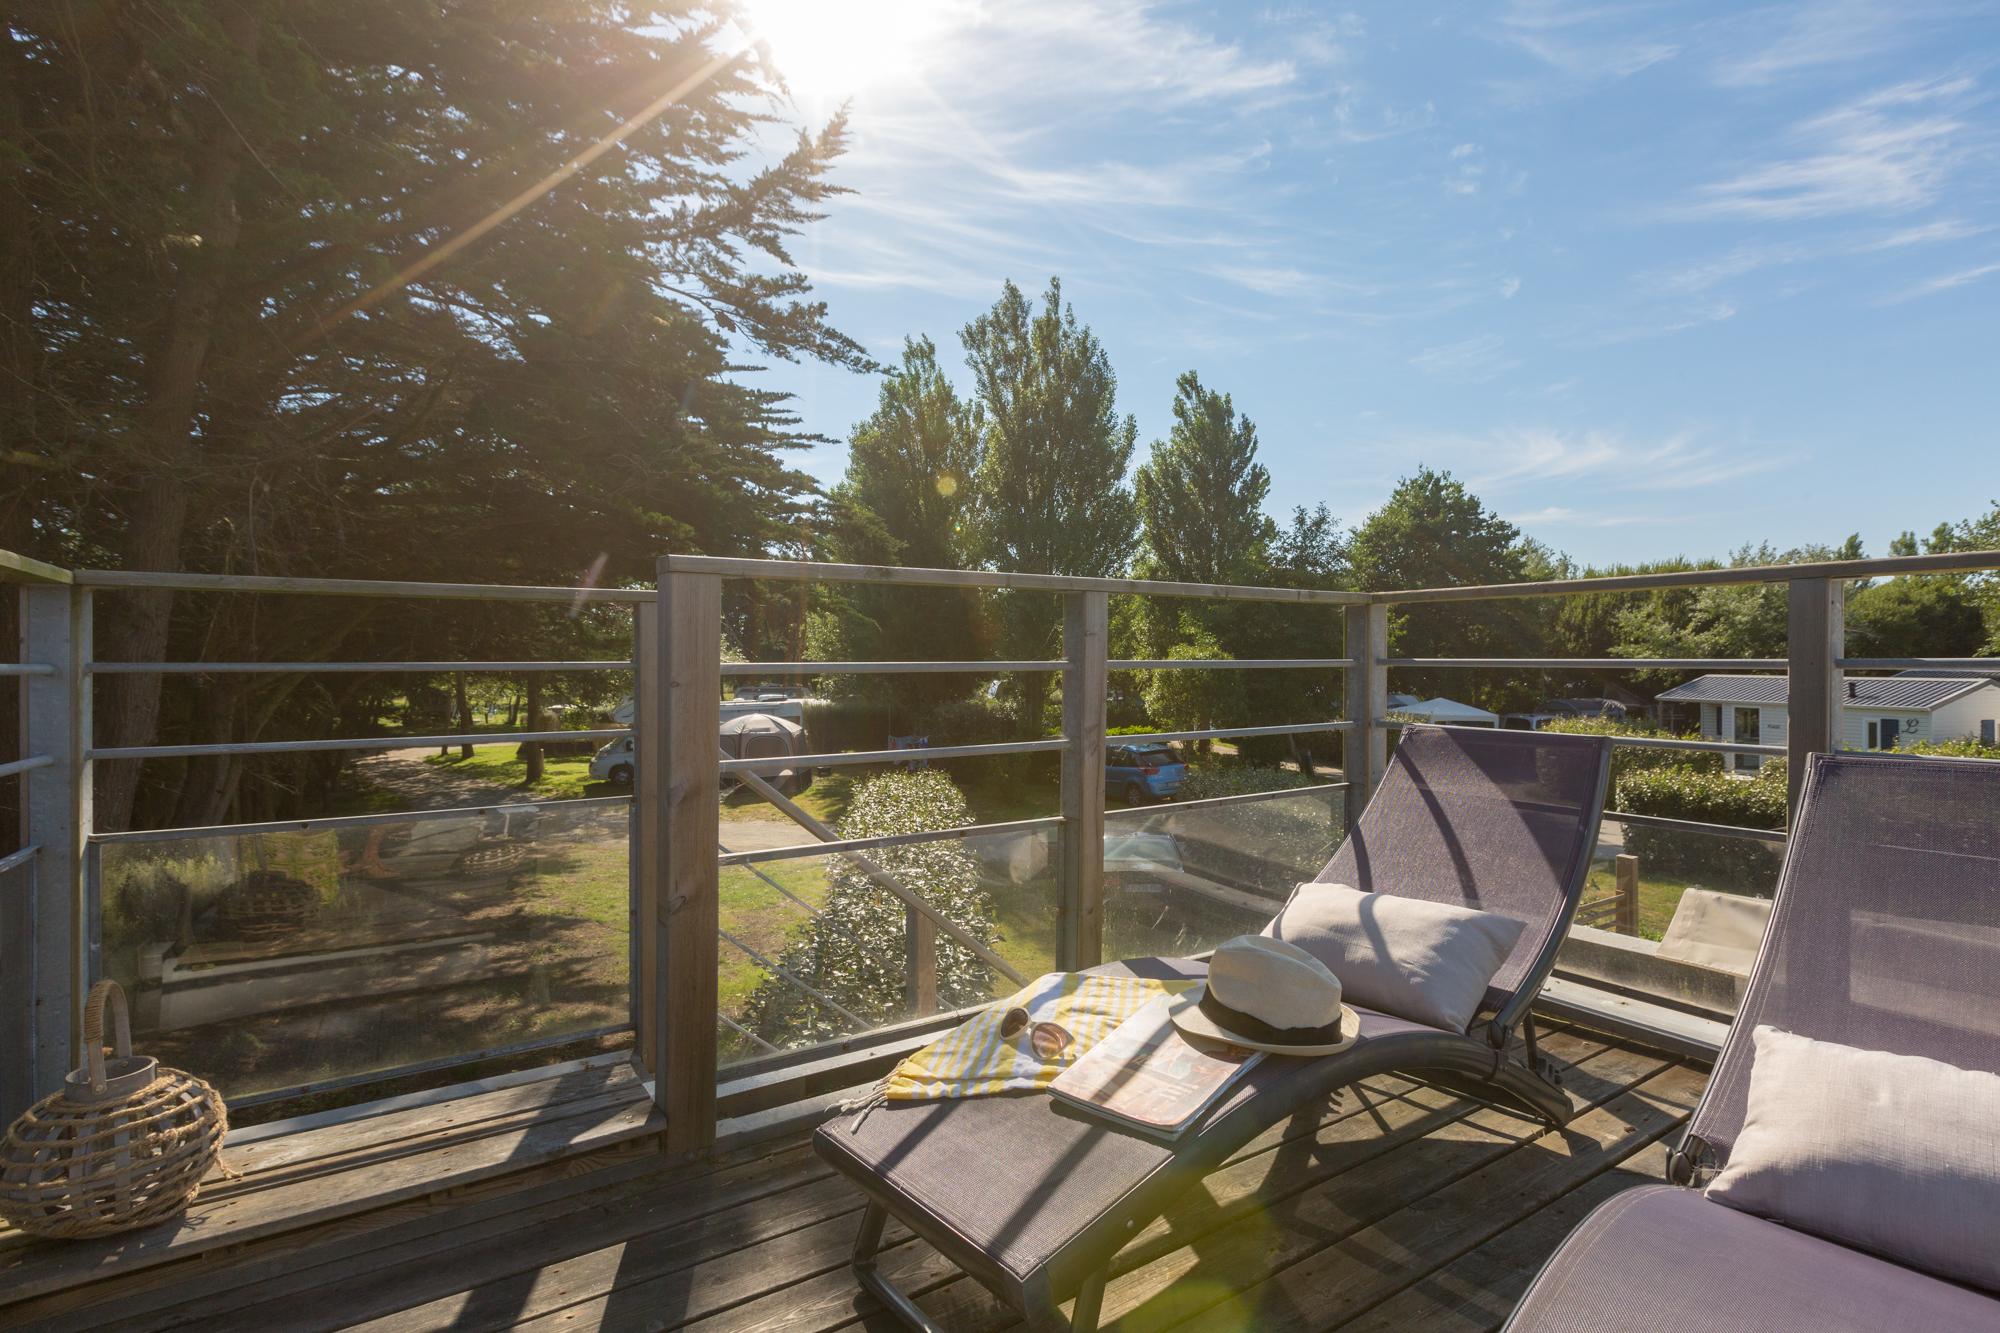 Lodge panoramique premium 4 personnes - un coin de paradis